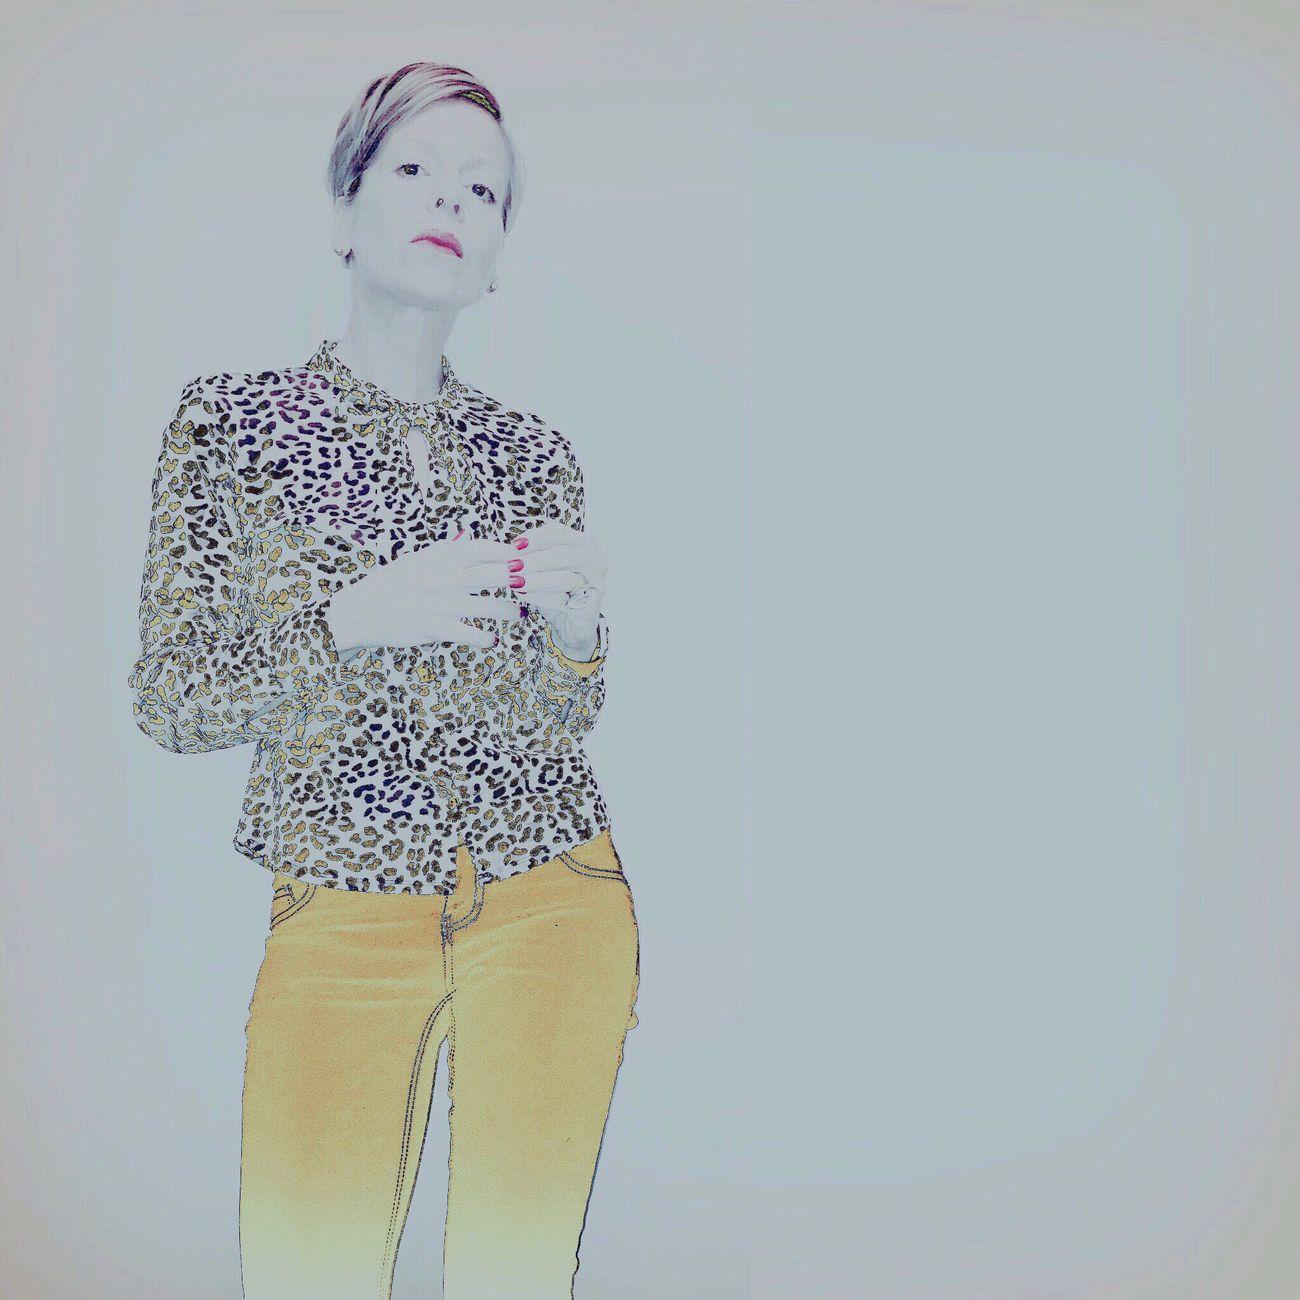 Selfies Color Portrait Selfie✌ Self Portrait Selfie ✌ Selfportrait Selfie